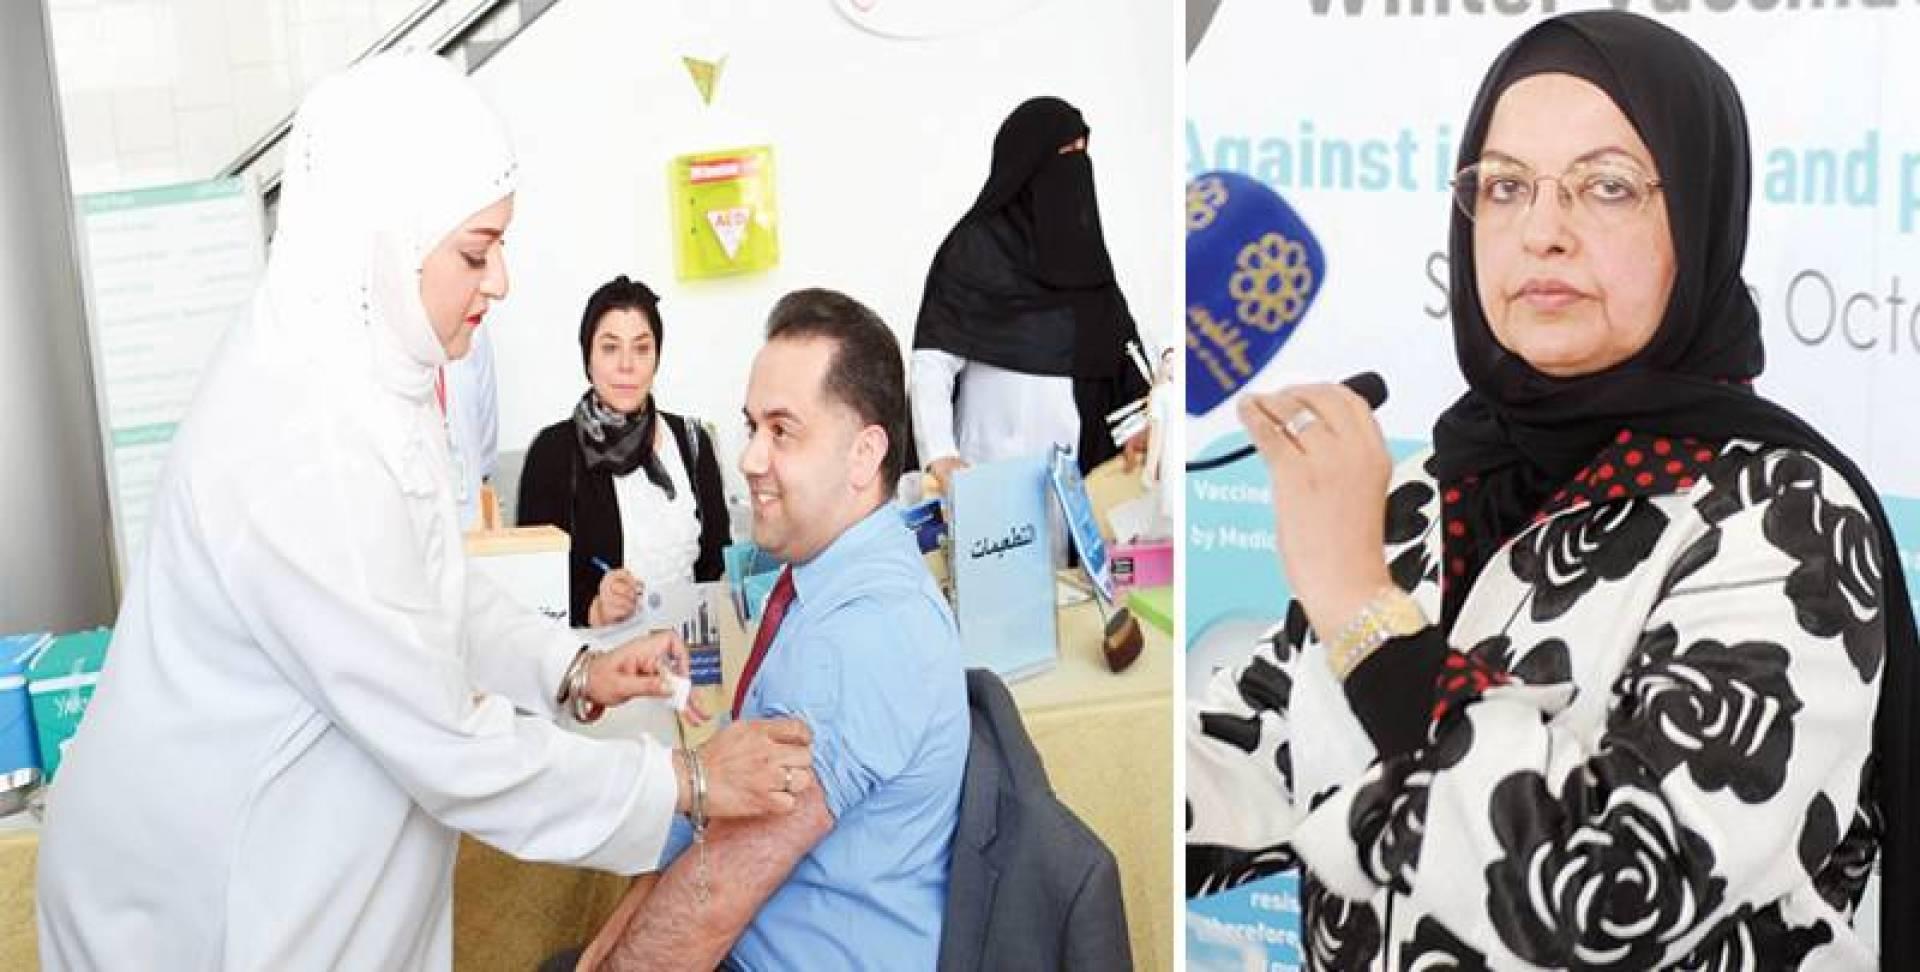 بثينة المضف - تطعيم الناطق الرسمي لوزارة الصحة | تصوير هشام خبيز